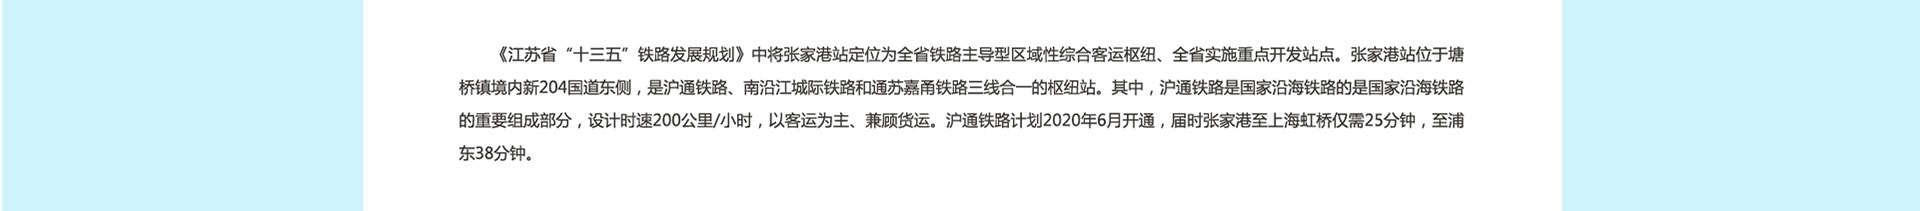 用创意点亮一座新城,张家港高铁新城标识和广告语征集活动期待您的参与!